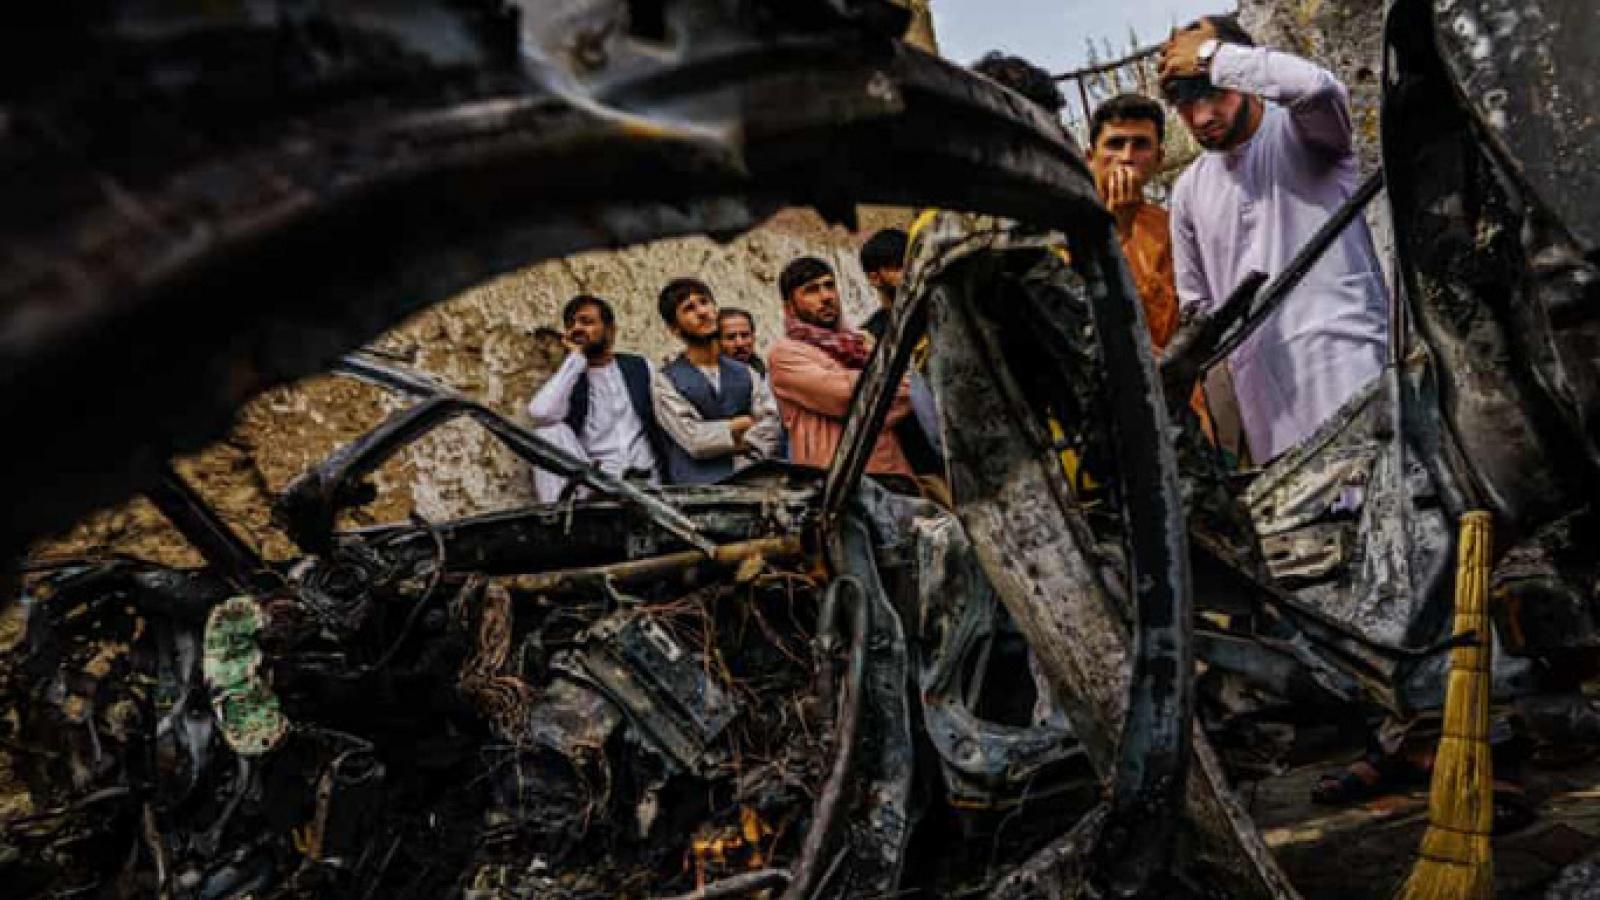 Mỹ cam kết tiếp tục điều tra toàn diện về vụ không kích nhầm ở Afghanistan